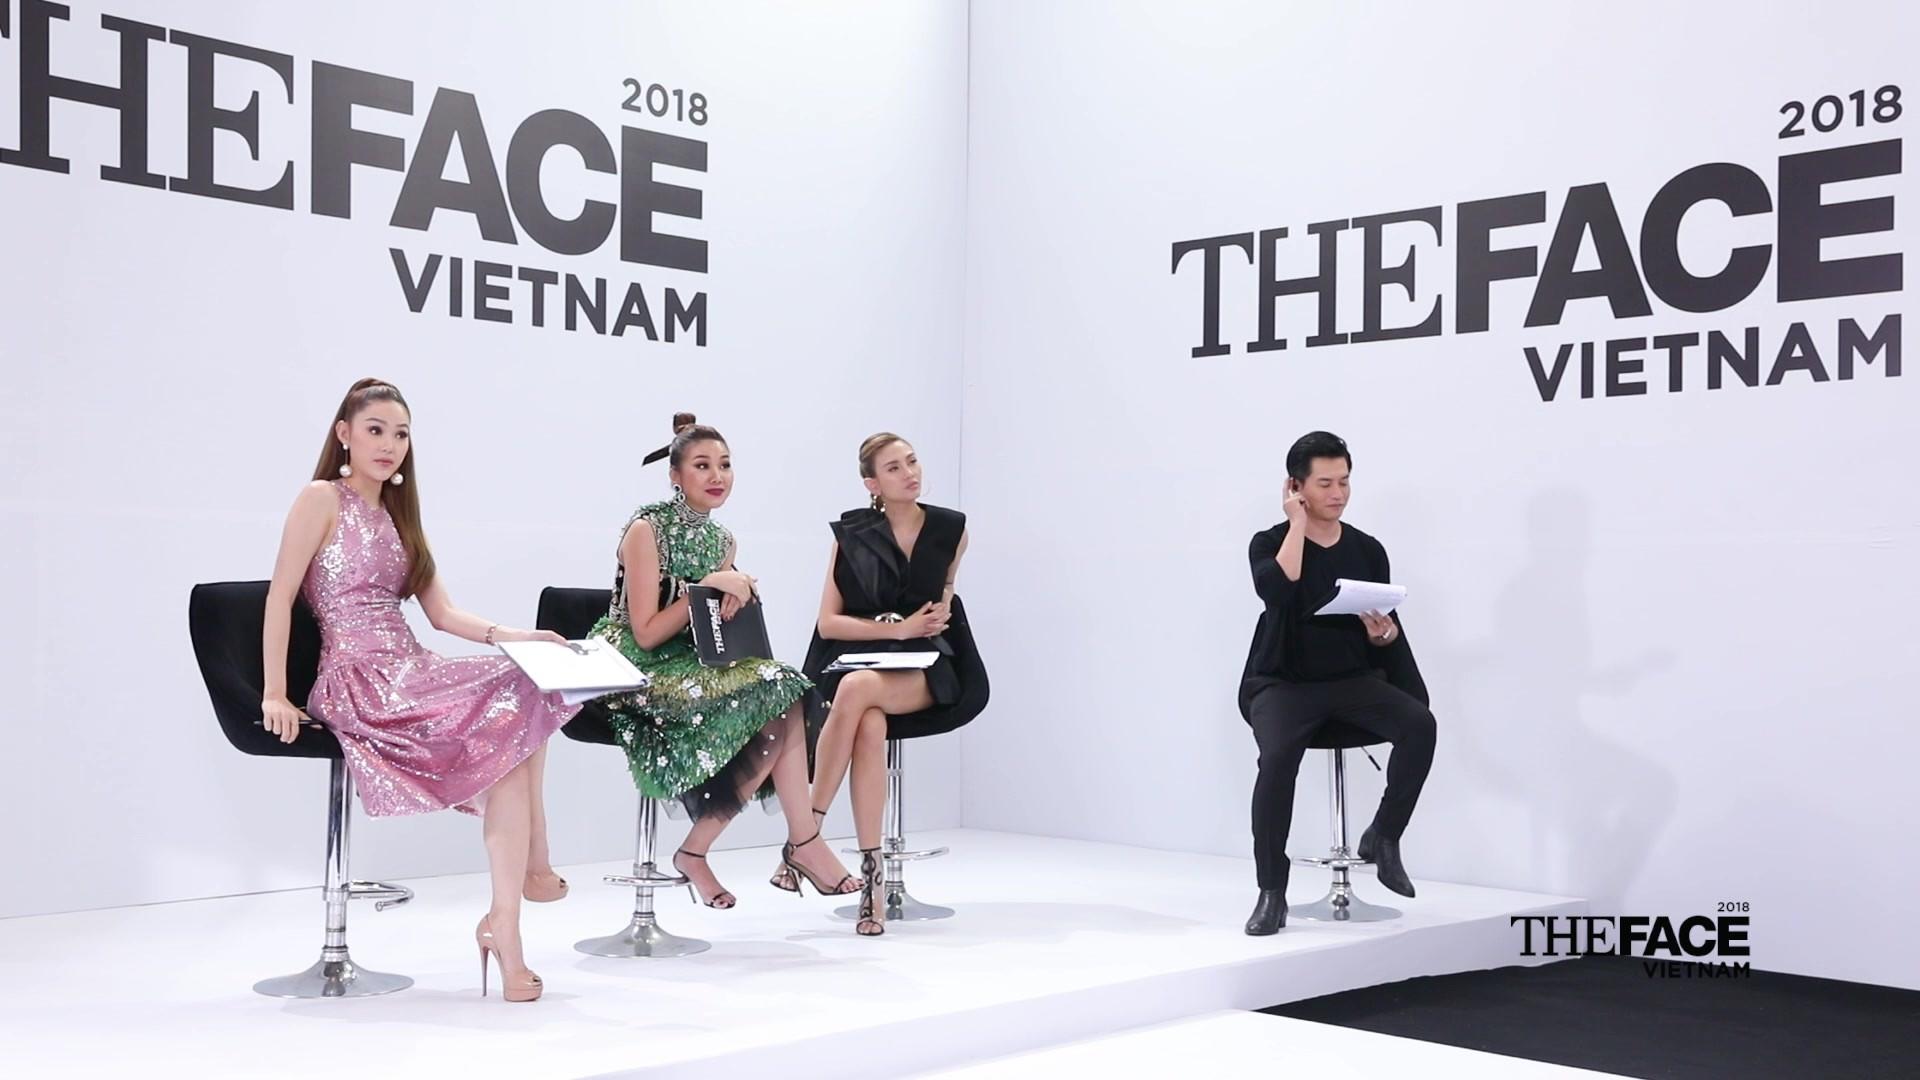 Trước mặt Minh Hằng, Thanh Hằng khẳng định: Đây là Hoa hậu, người mẫu, diễn viên  - Ảnh 3.